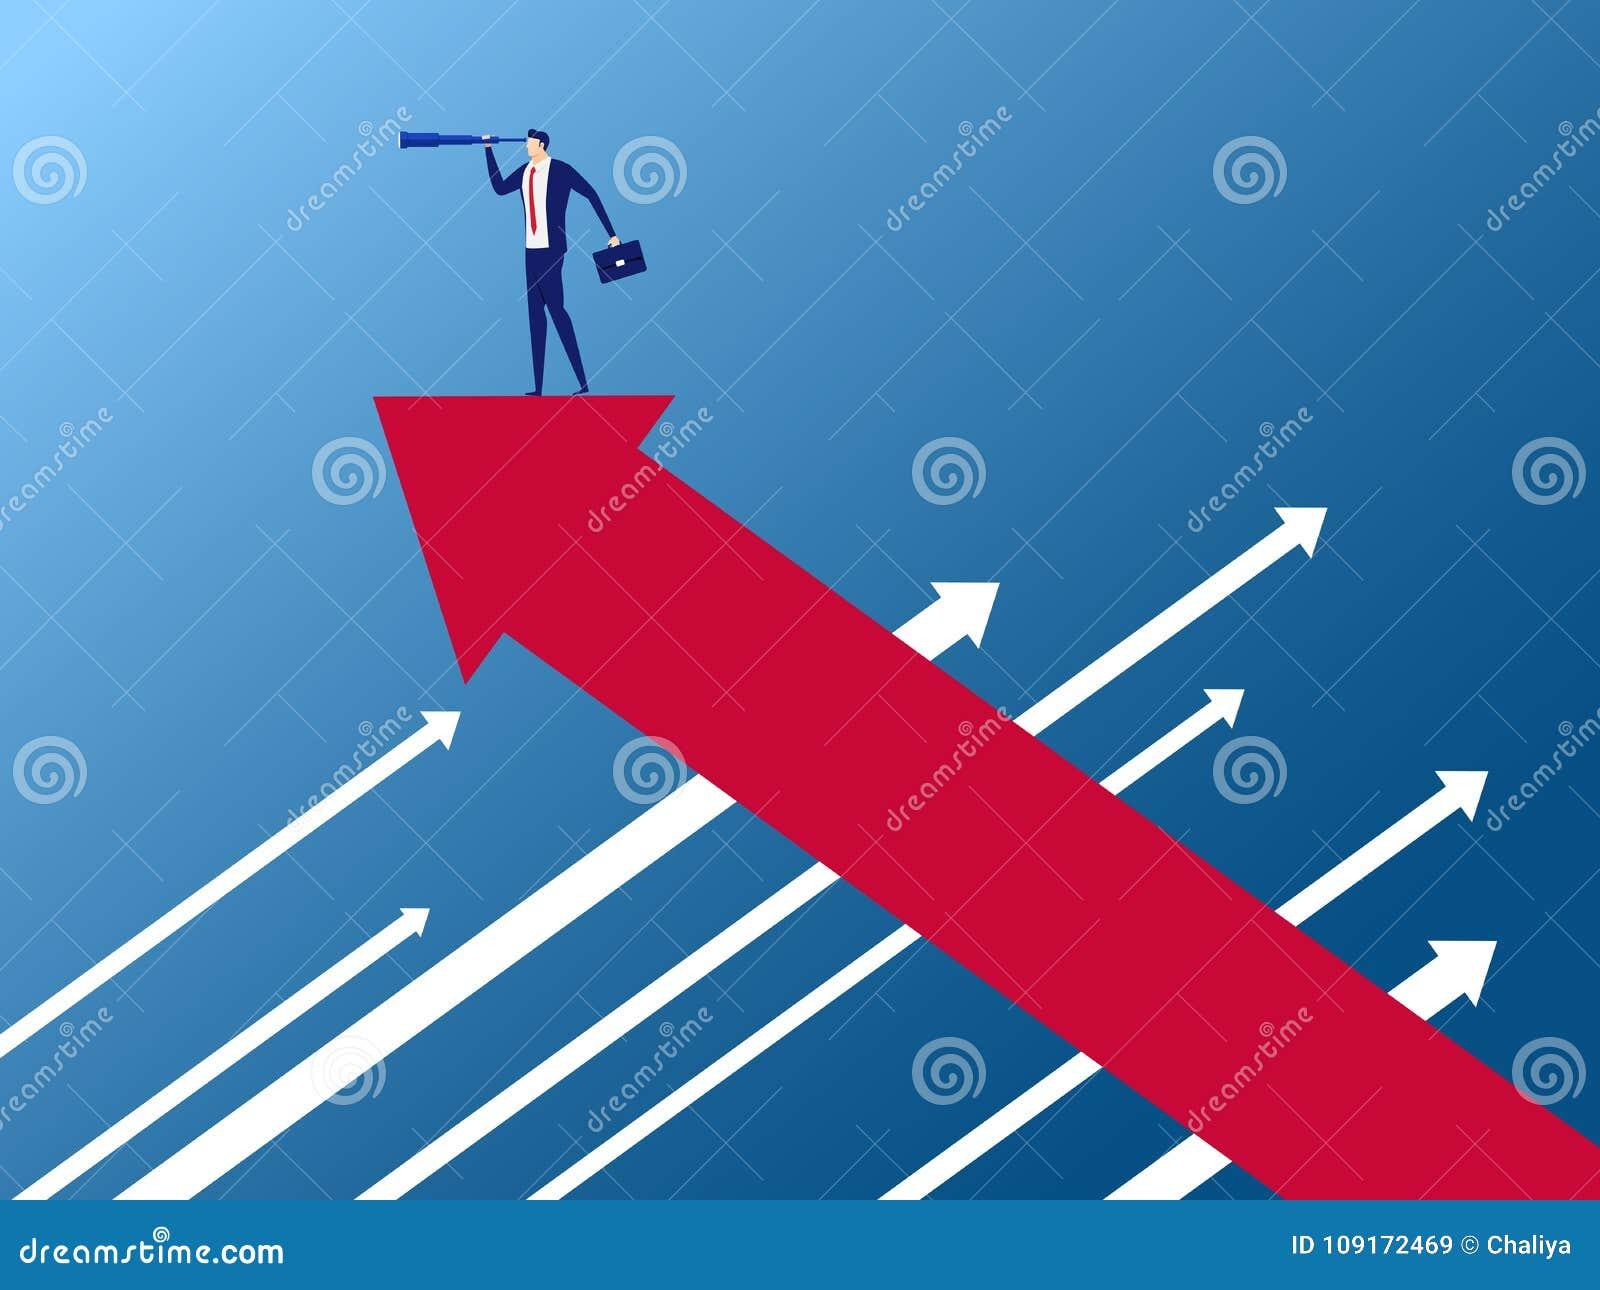 Suporte do homem de negócios no gráfico do crescimento da seta no sentido oposto usando o telescópio que procura o sucesso